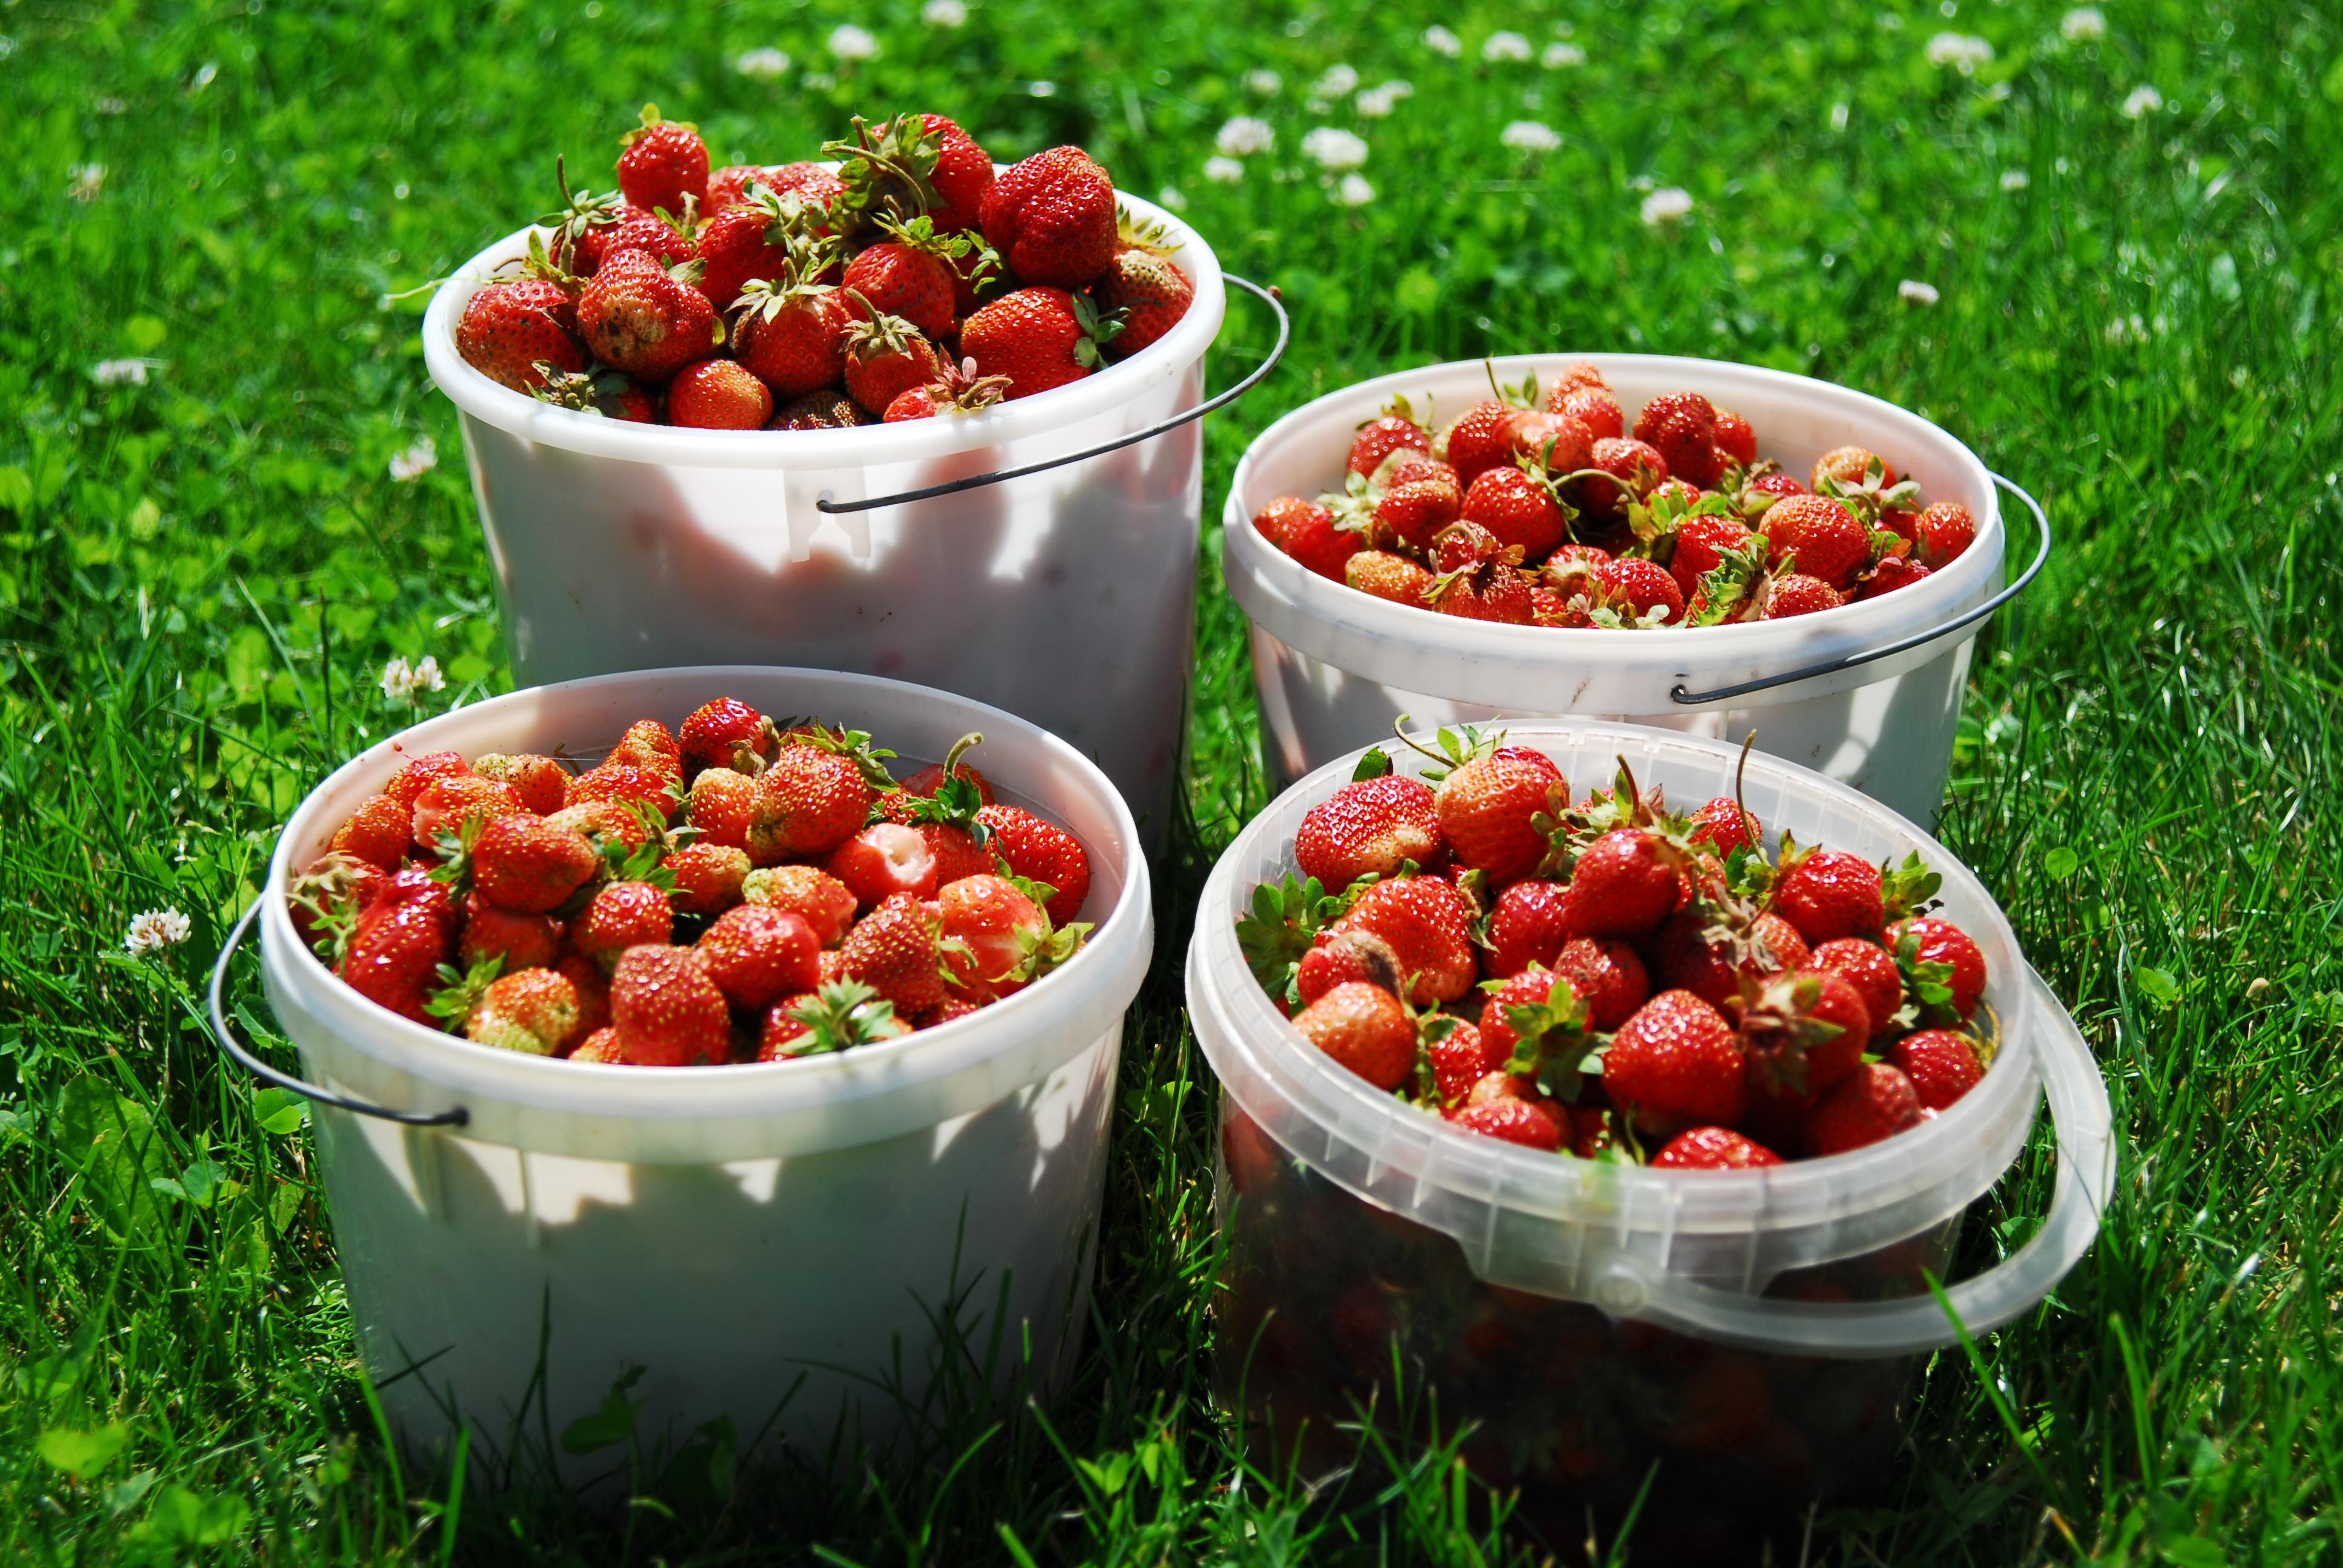 harvest | memorial day gardening | Great Garden Activities You Can Do Over Memorial Day Weekend